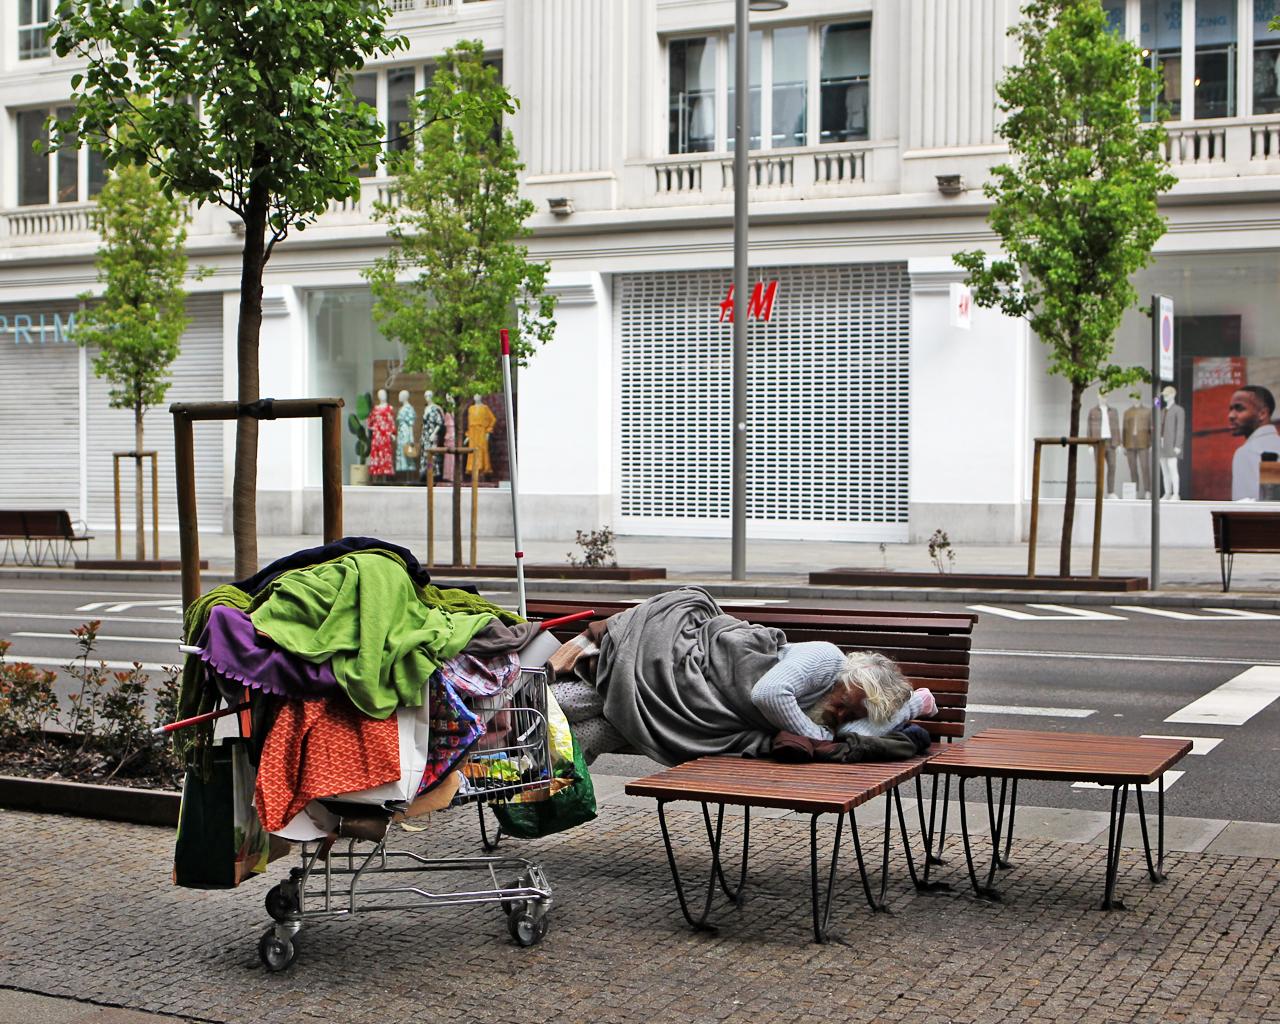 Un mendigo duerme en el centro de la ciudad. Madrid. 06/04/2020.